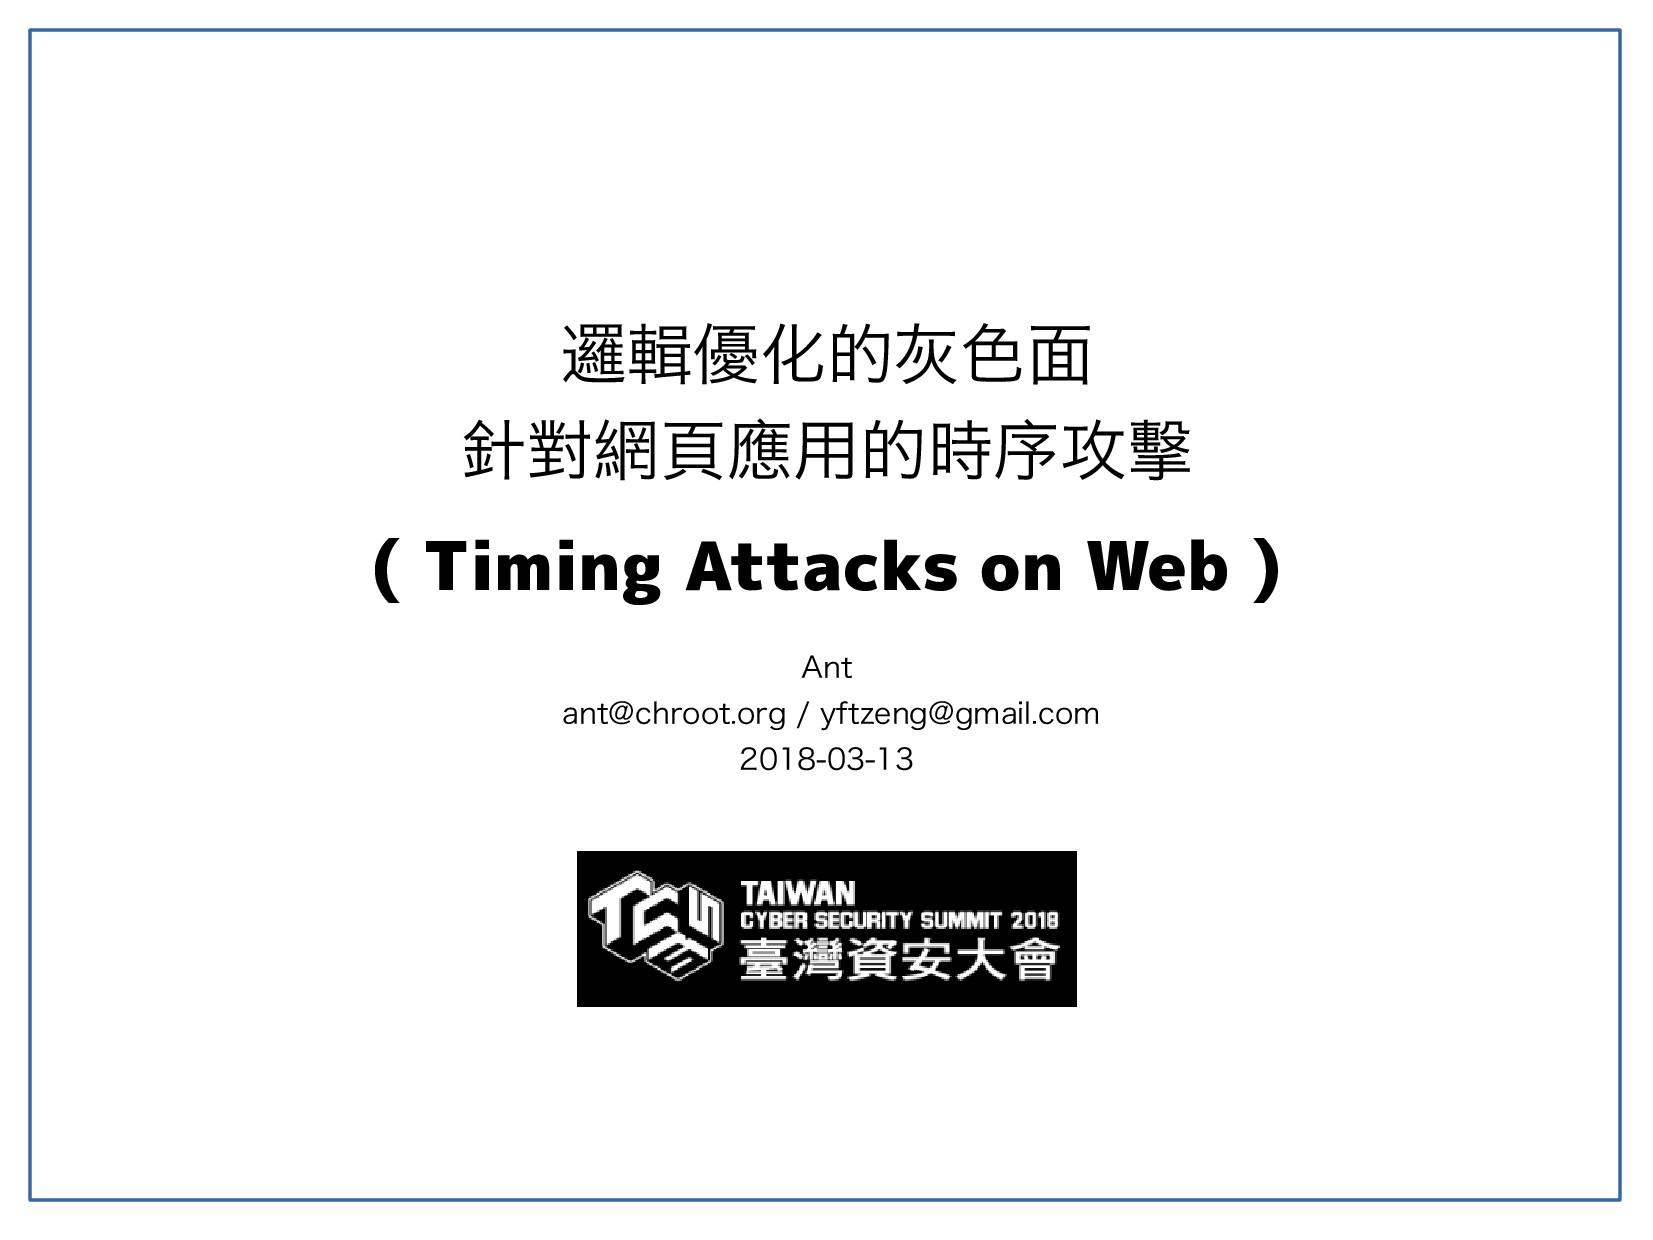 邏輯優化的灰色面 針對網頁應用的時序攻擊 ( Timing Attacks on Web ) ...